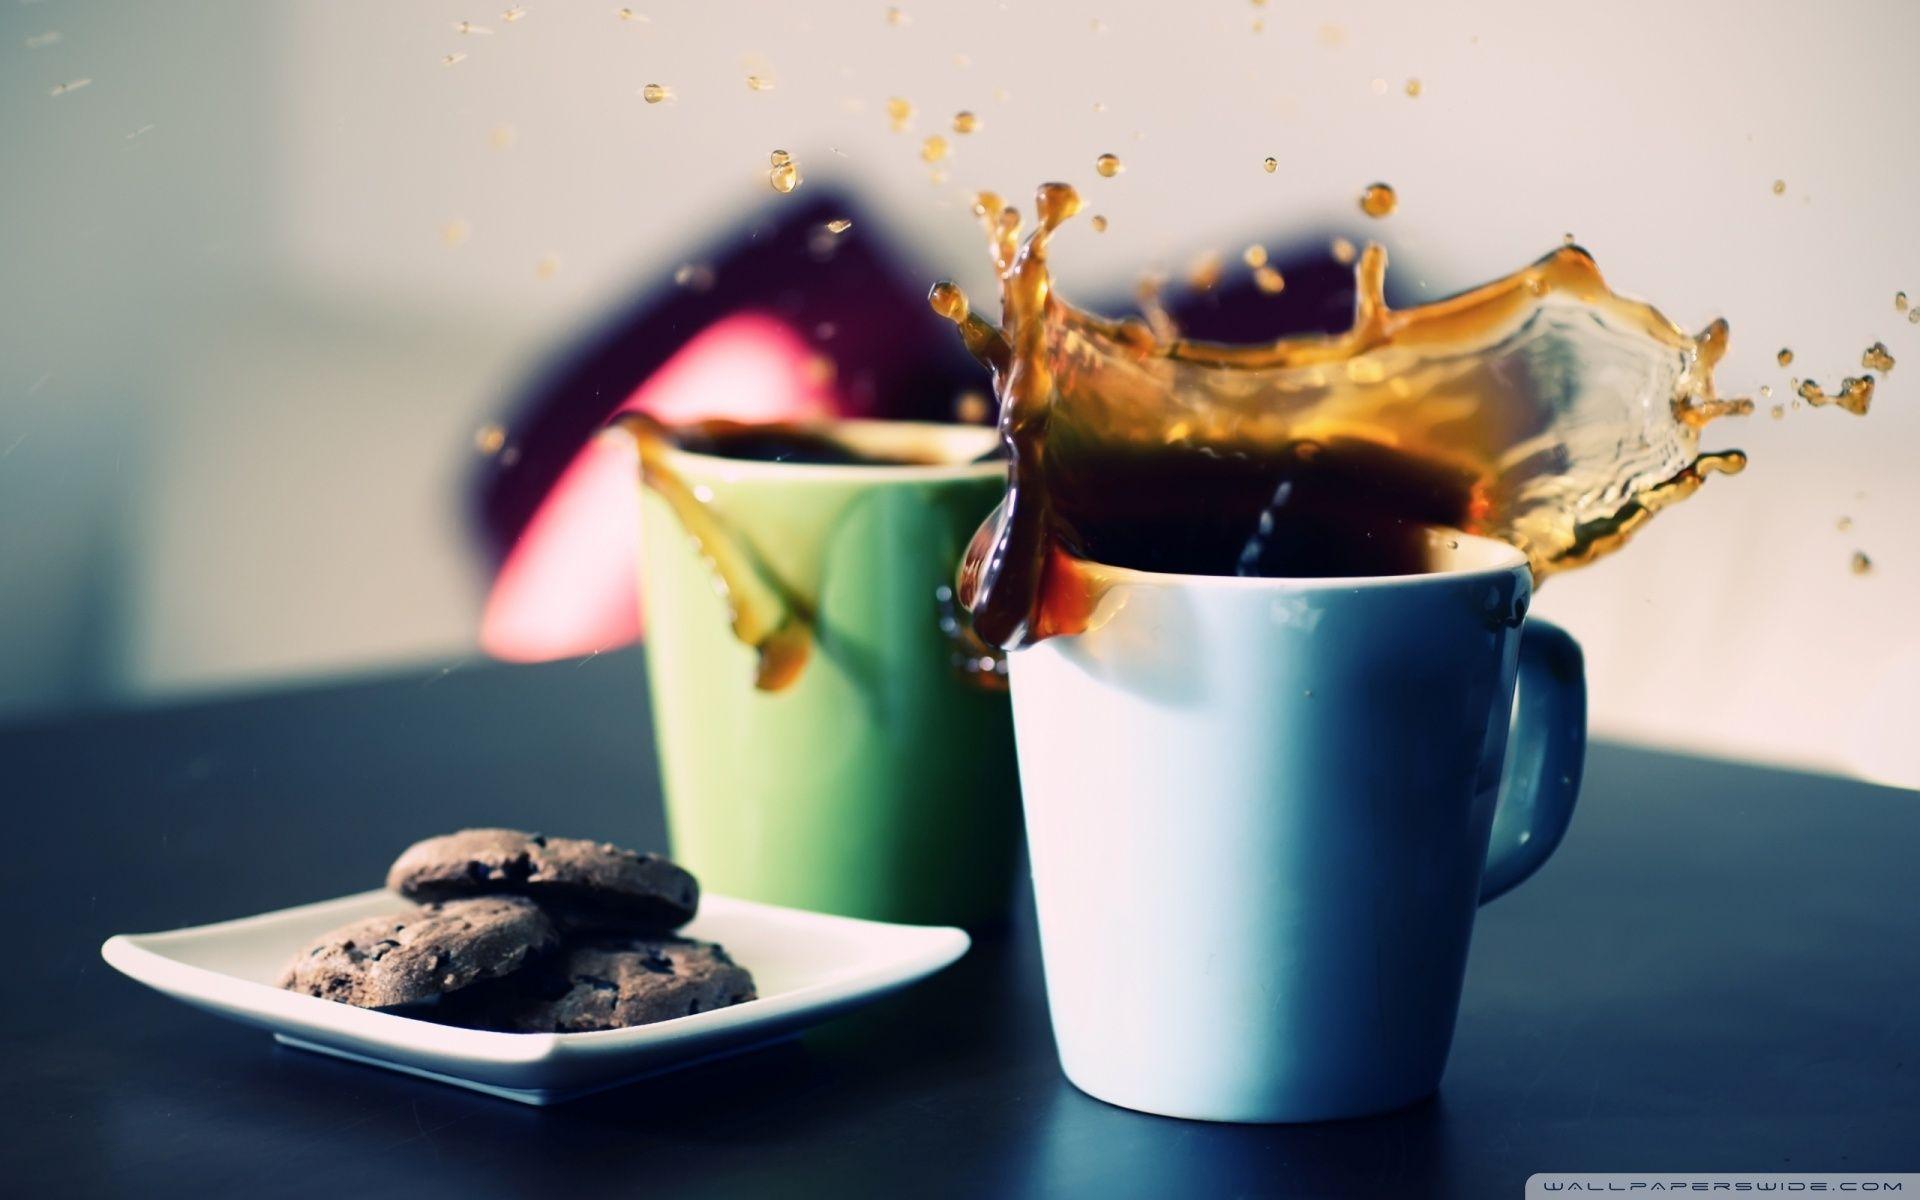 Coffee Wallpaper 3 Coffee Splash Coffee Wallpaper Cookies Wallpaper Hd wallpaper milk splash cookies mug